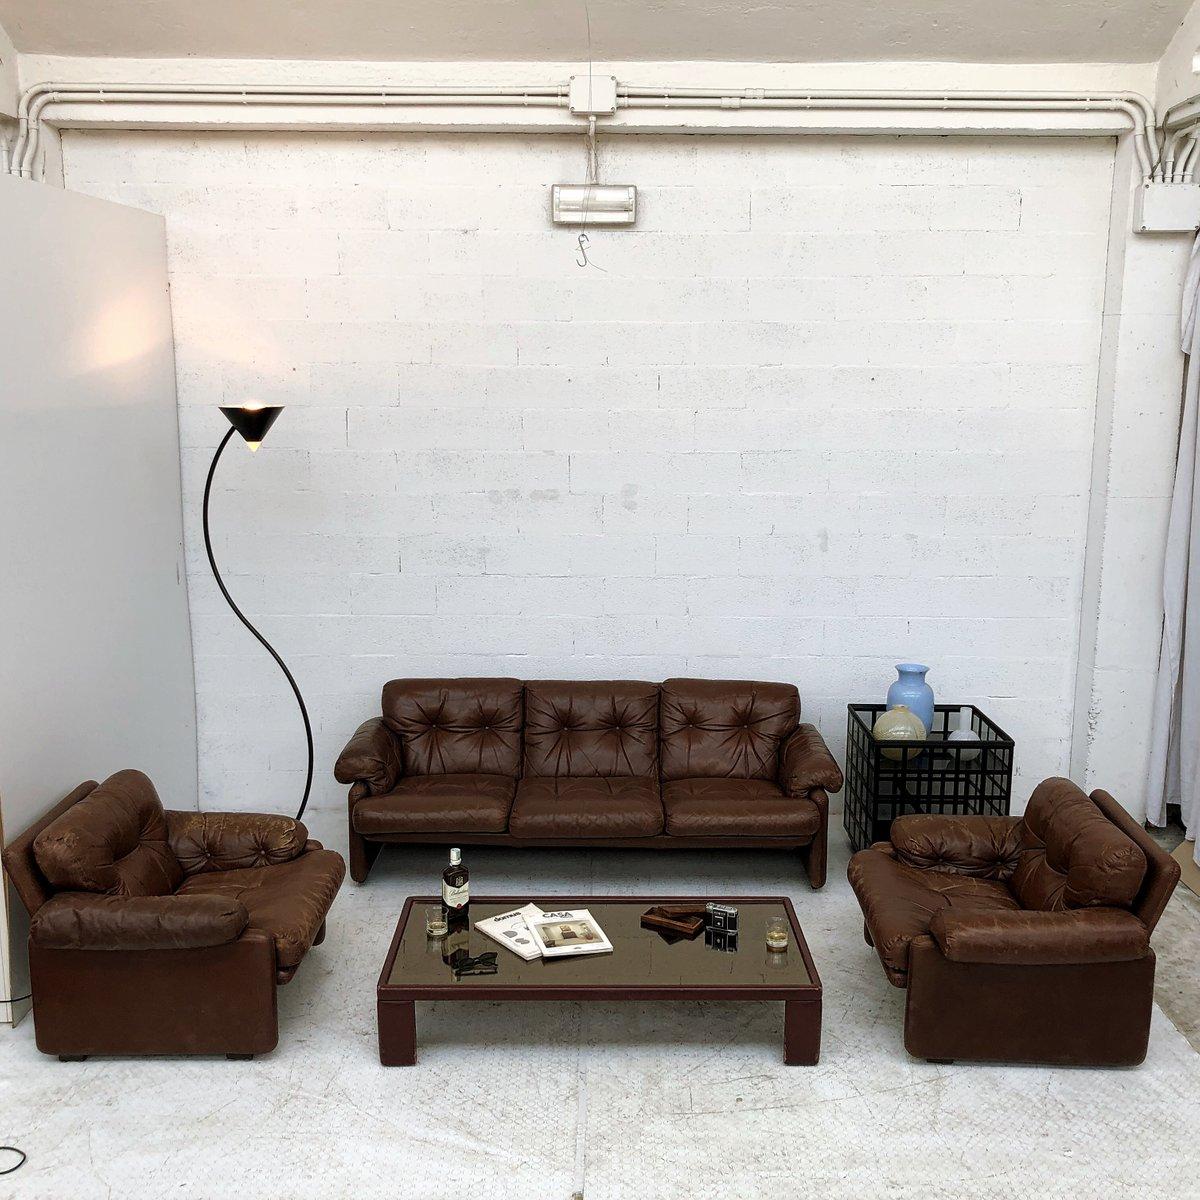 Braunes Leder Coronado Wohnzimmer Set Von Afra U0026 Tobia Scarpa Für Cu0026B  Italia, 1969. Weihnachts Sale. Braunes Leder Coronado Wohnzimmer Set ...